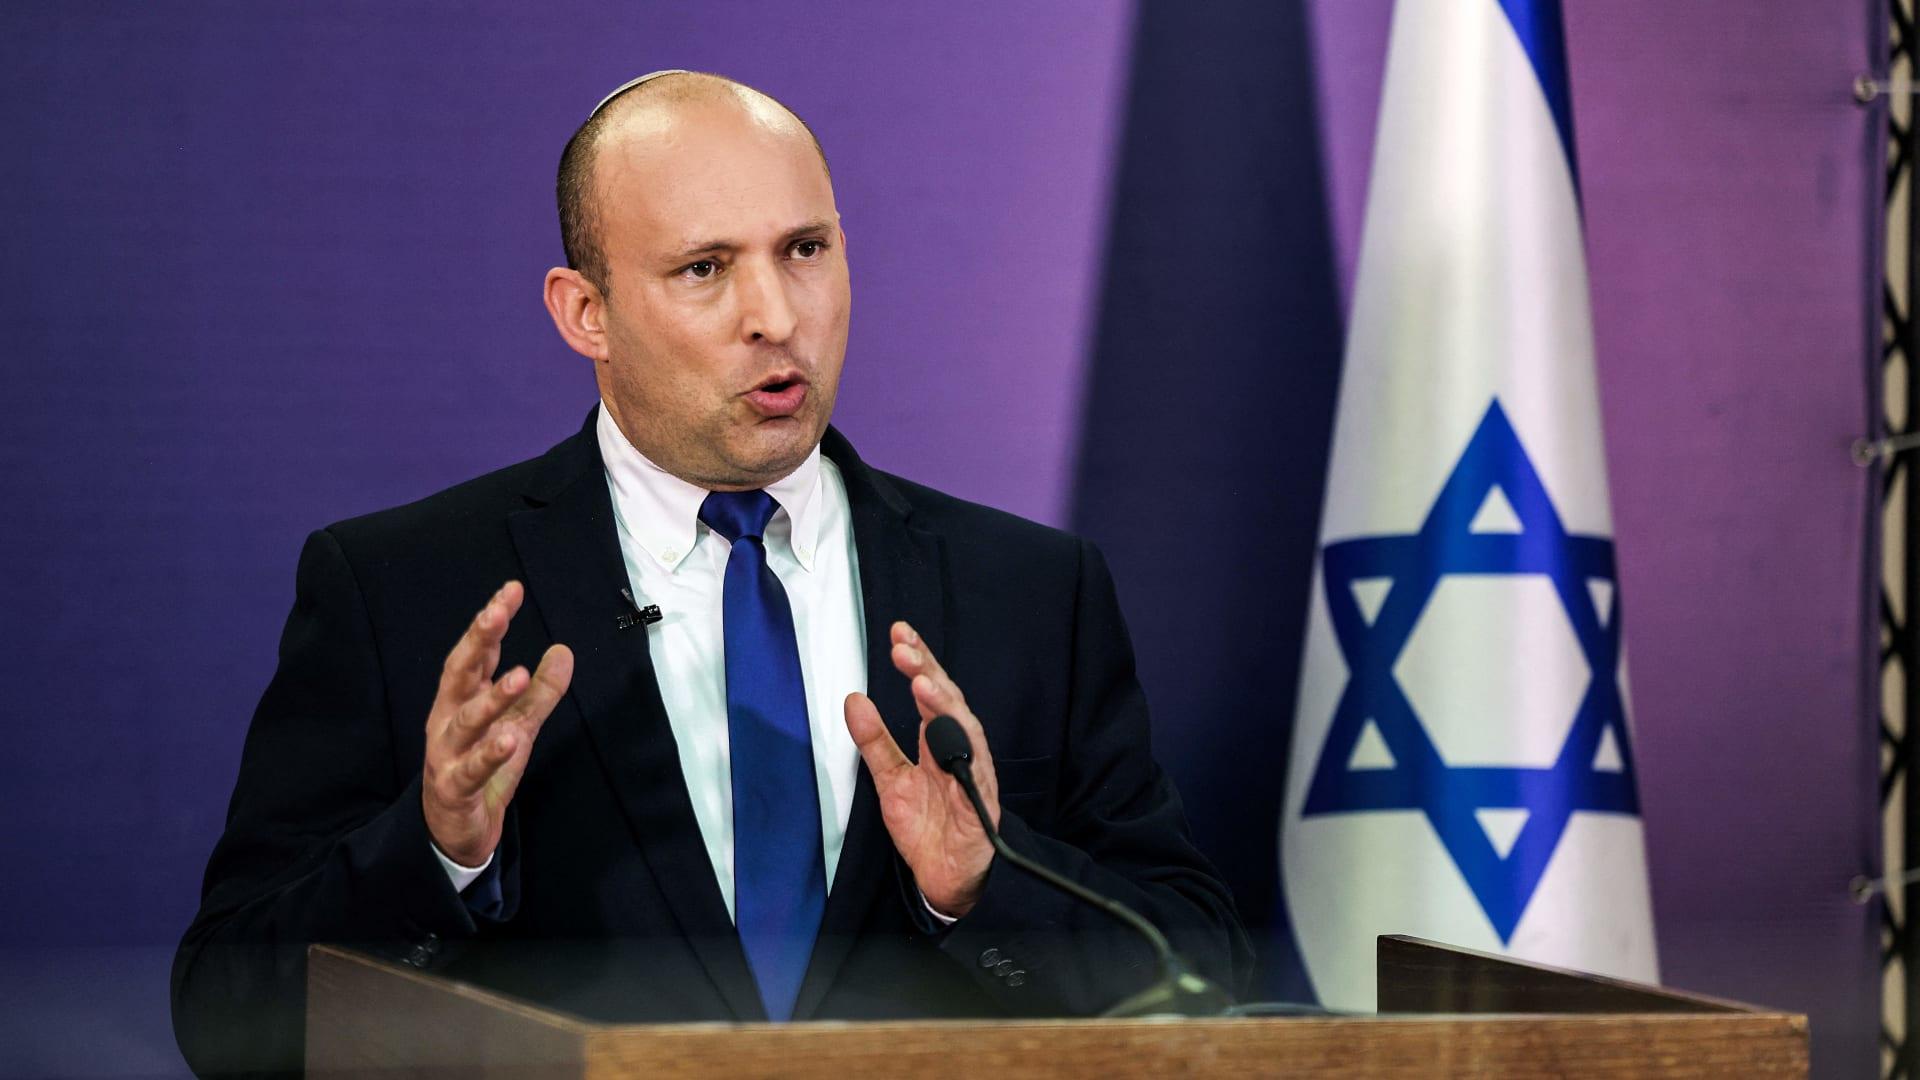 نافتالي بينيت.. من هو زعيم المعارضة الإسرائيلية منافس نتنياهو؟